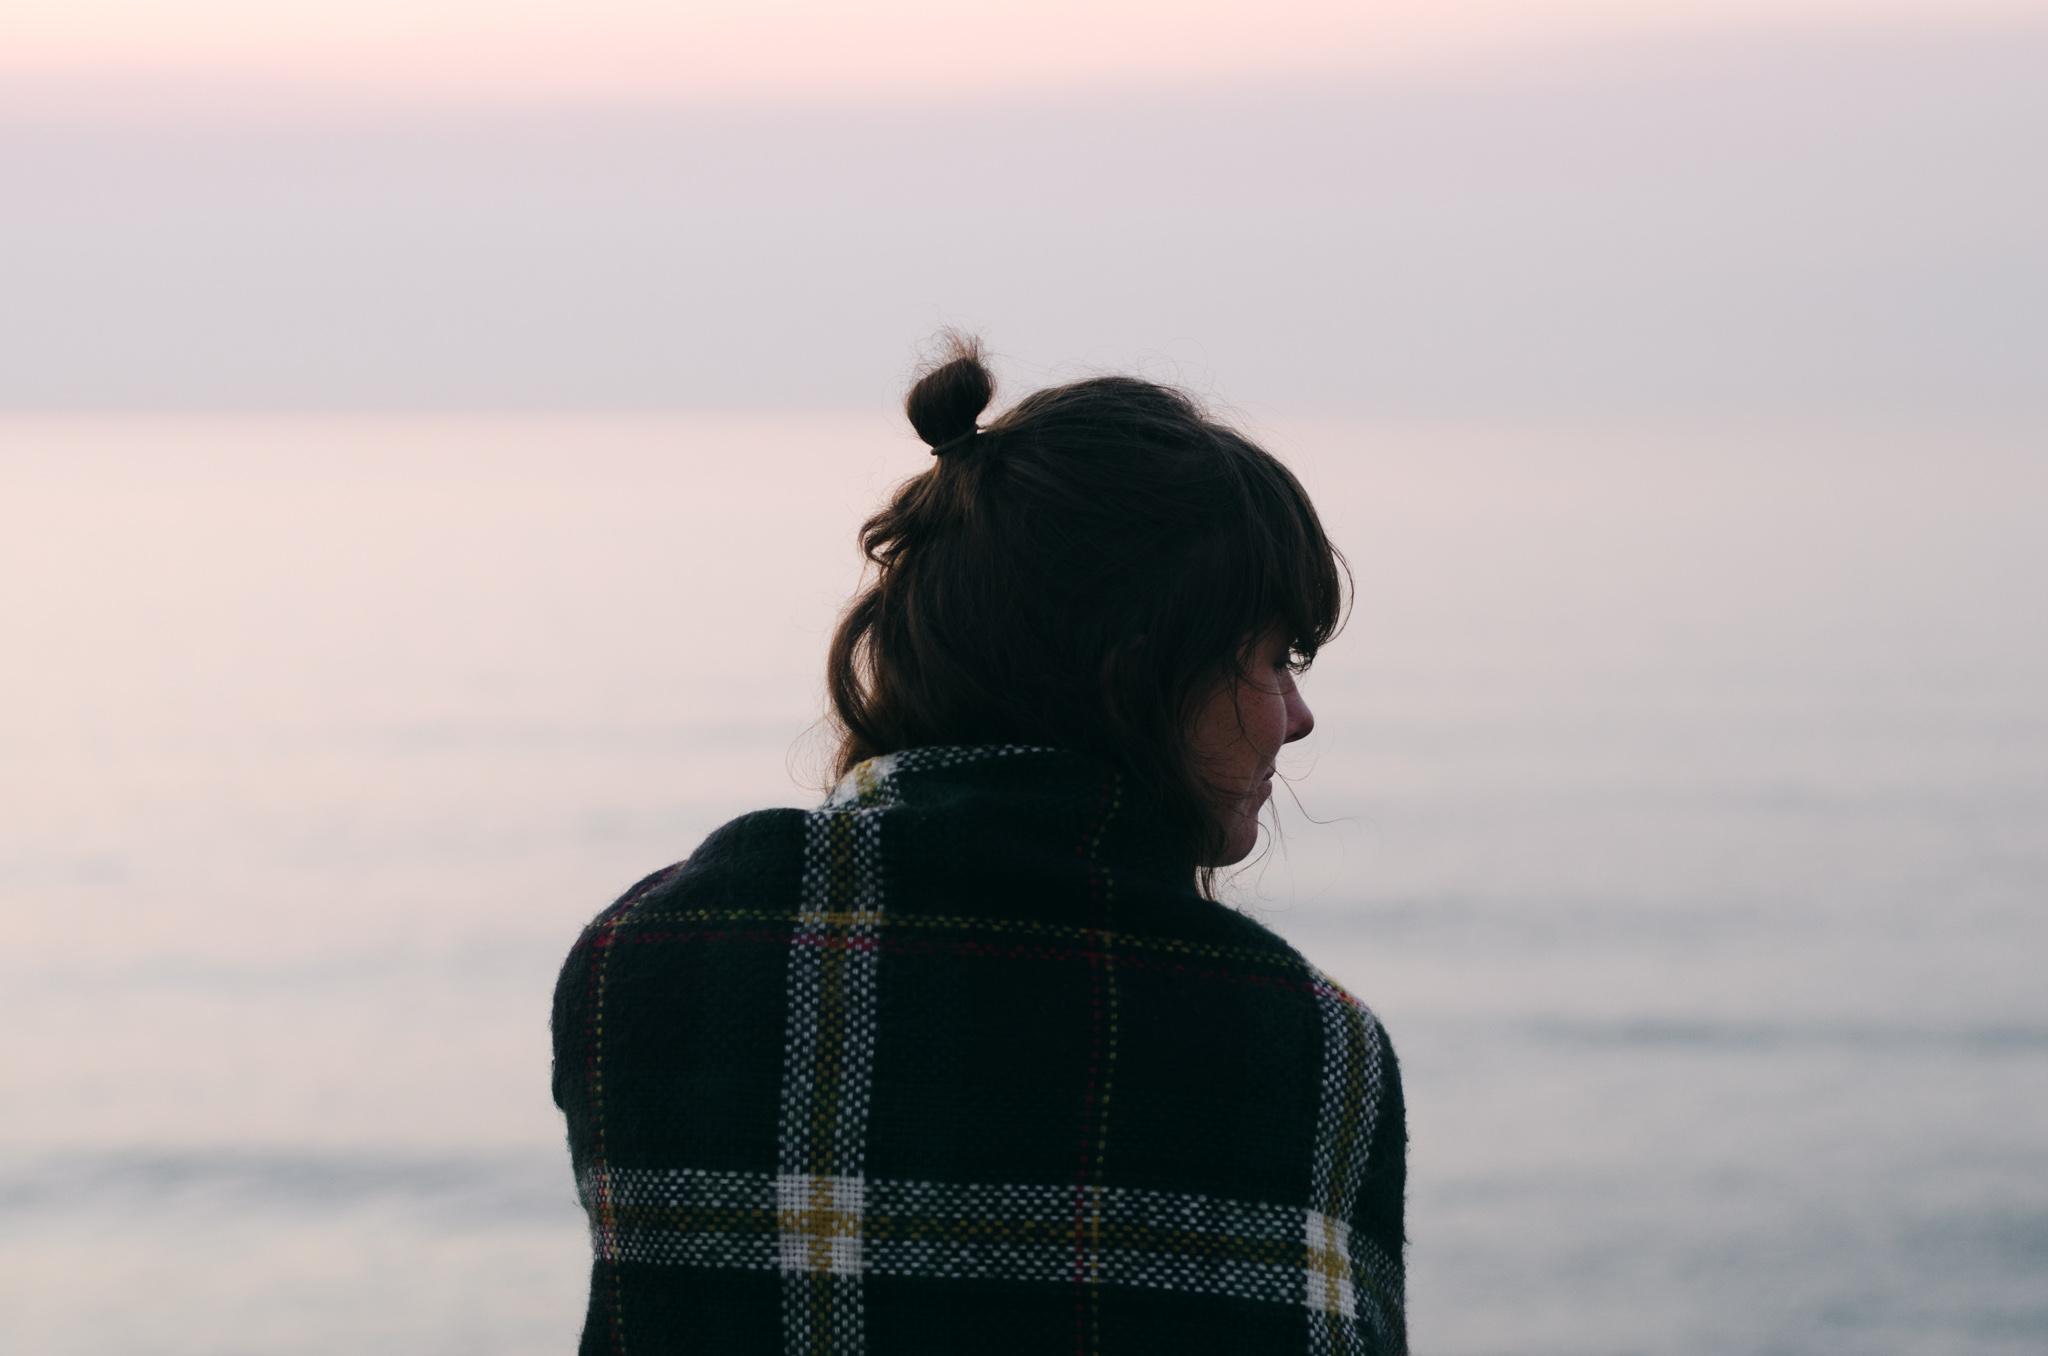 girl-ocean-twilight-breathe-portugal.jpg